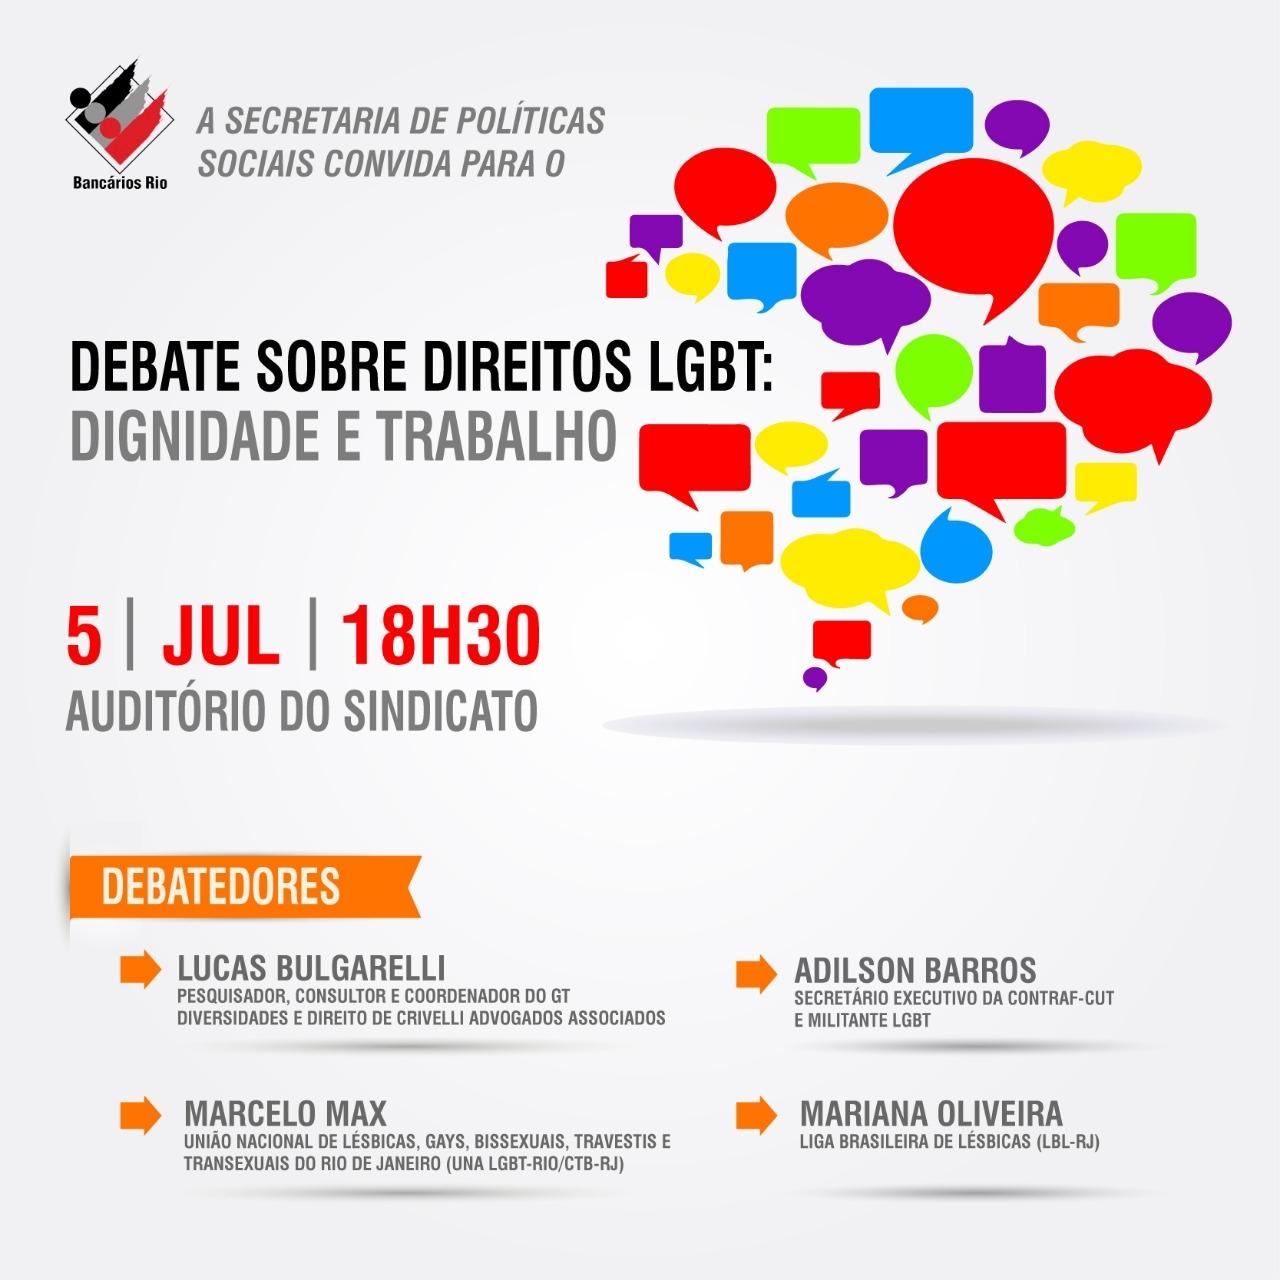 debate_direitosLGBT-seeb-rio